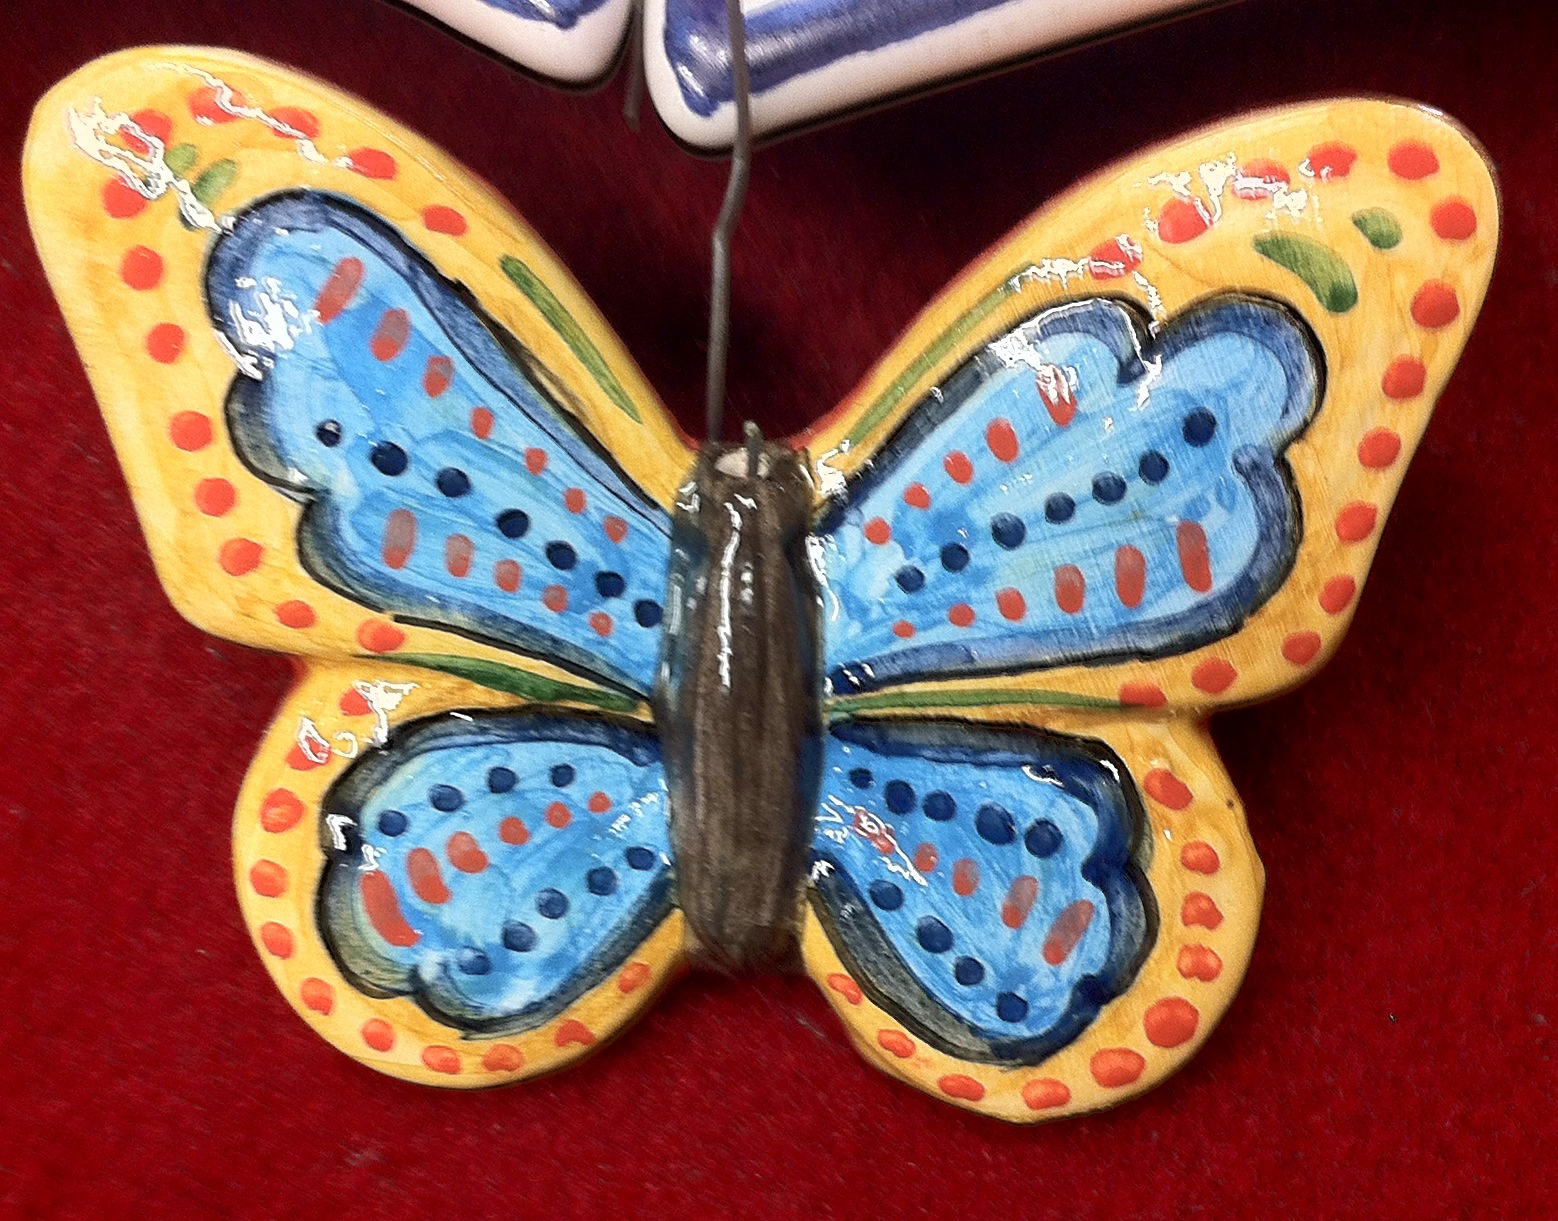 Farfalla3